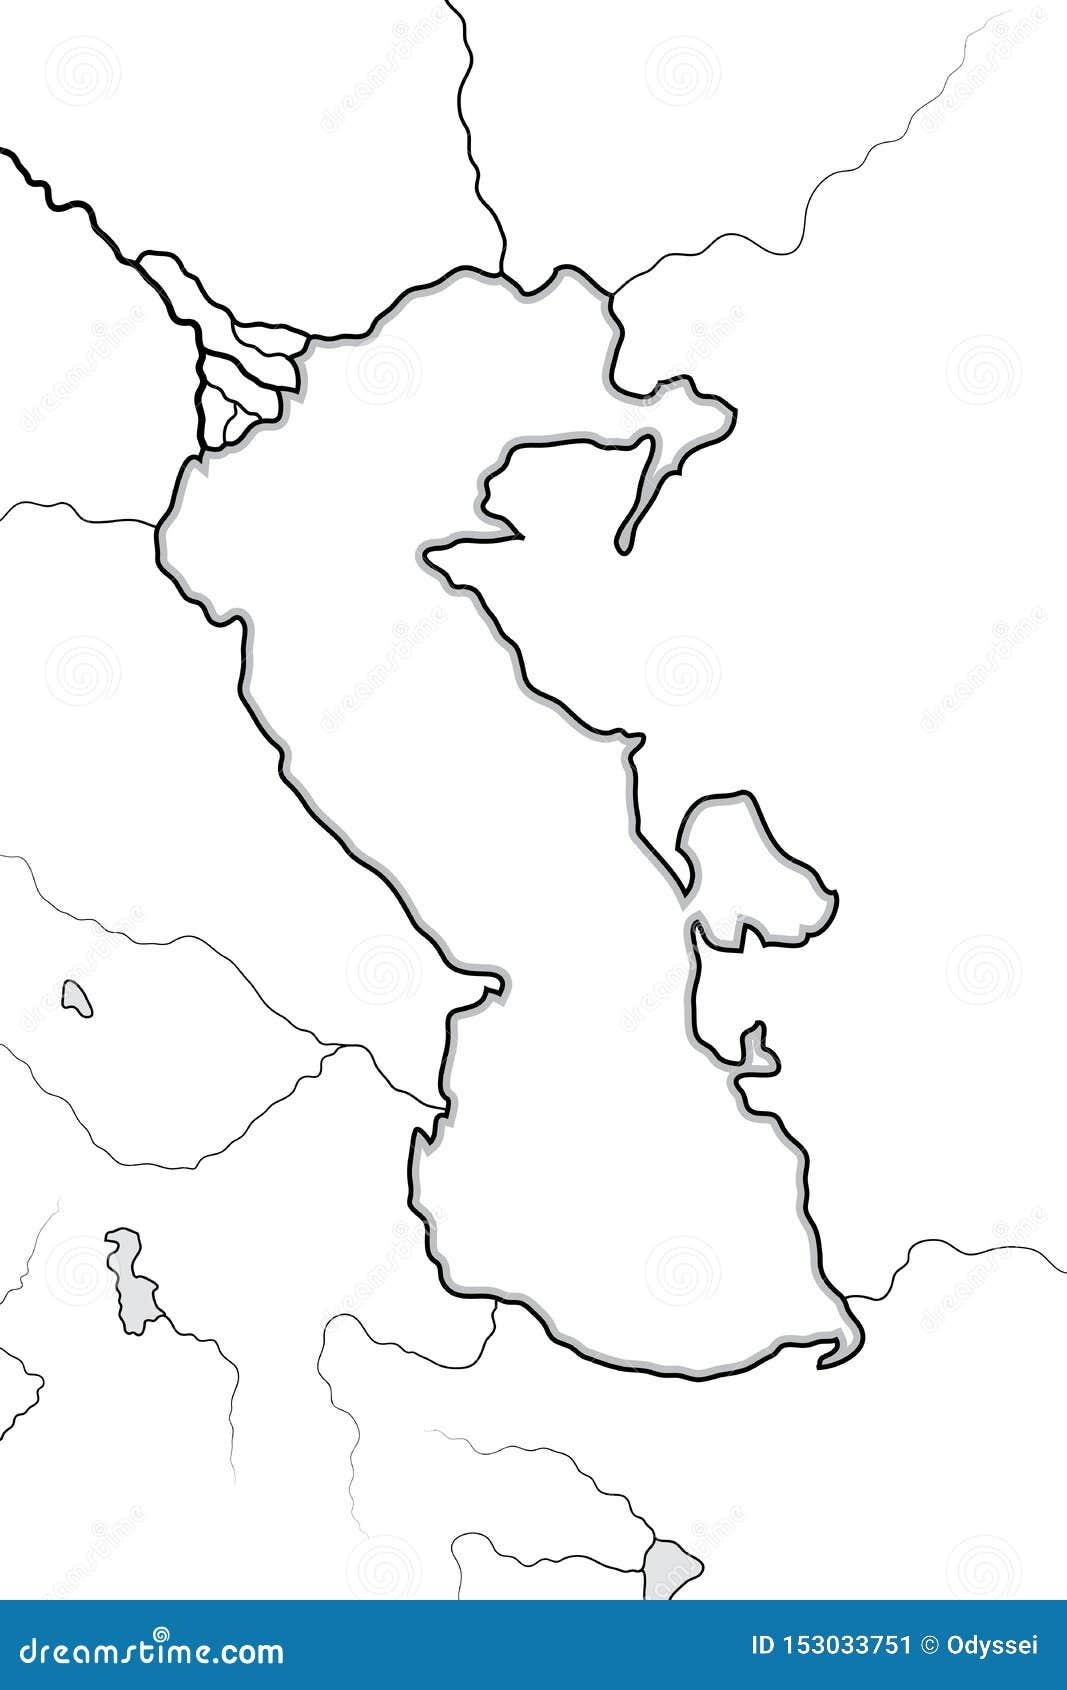 Χάρτης της λεκάνης ΚΑΣΠΙΏΝ ΘΆΛΑΣΣΑ: Circum-τισσα Κασπίας περιοχή ( Azerbaïdjan, Ιράν, Turkestan)  Γεωγραφικό διάγραμμα